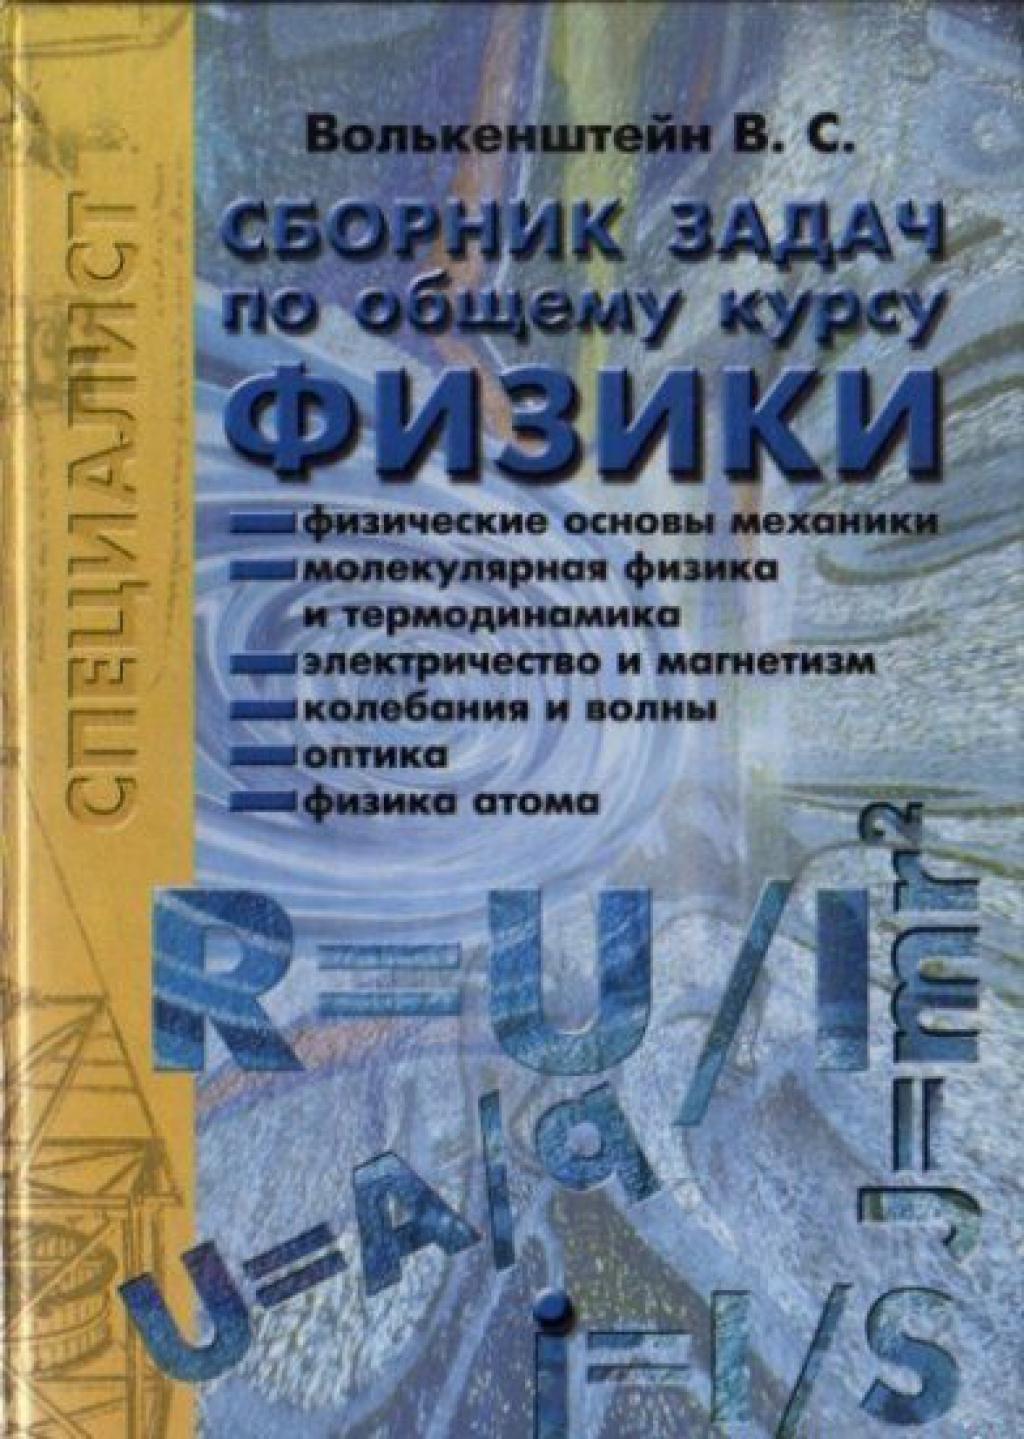 Решебник к сборнику задач по общему курсу физики в. С. Волькенштейн.